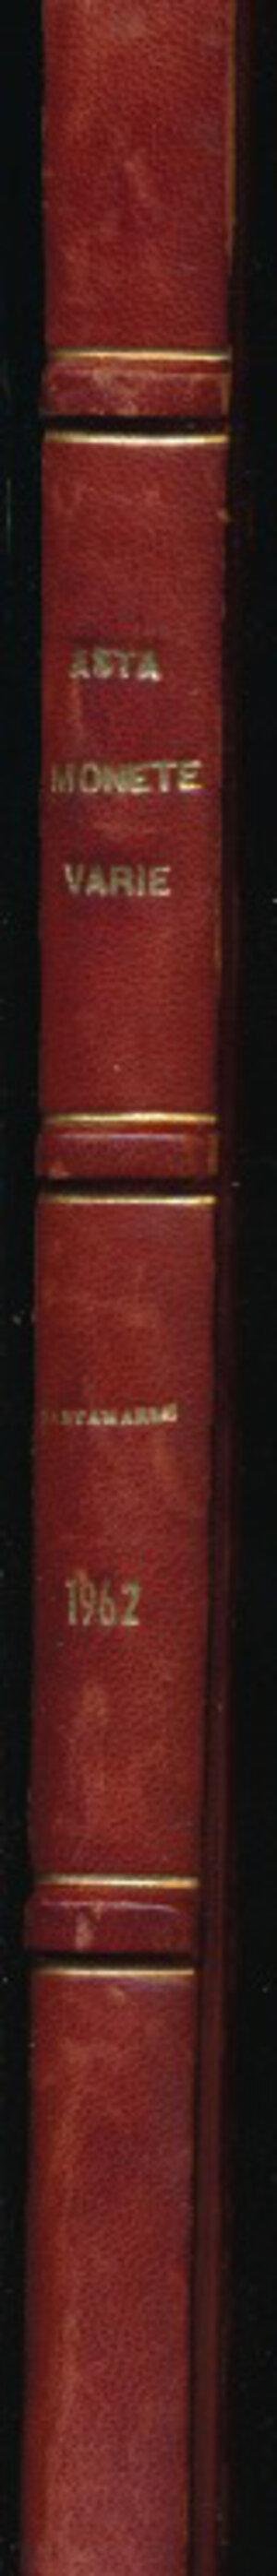 obverse: SANTAMARIA P.&P. - Asta 5 aprile 1962 Roma. Monete italiane medioevali, moderne e contemporanee. Pp. 58 + 70 tavole. Rilegatura rigida con dorso e angoli in pelle  e scritte dorate. Buono stato.